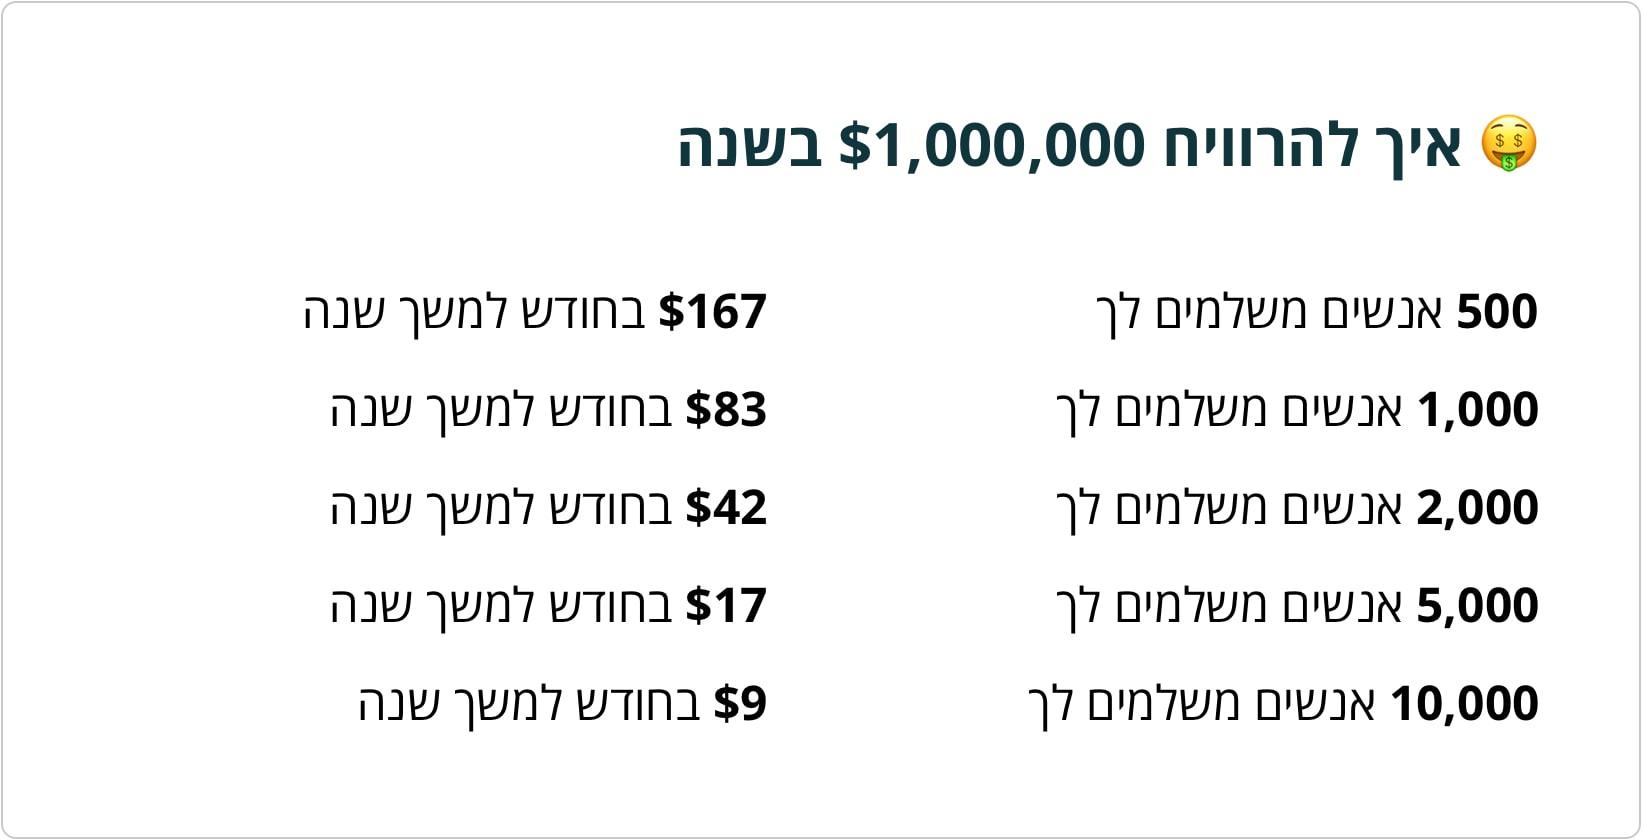 איך להרוויח מליון דולר בשנה